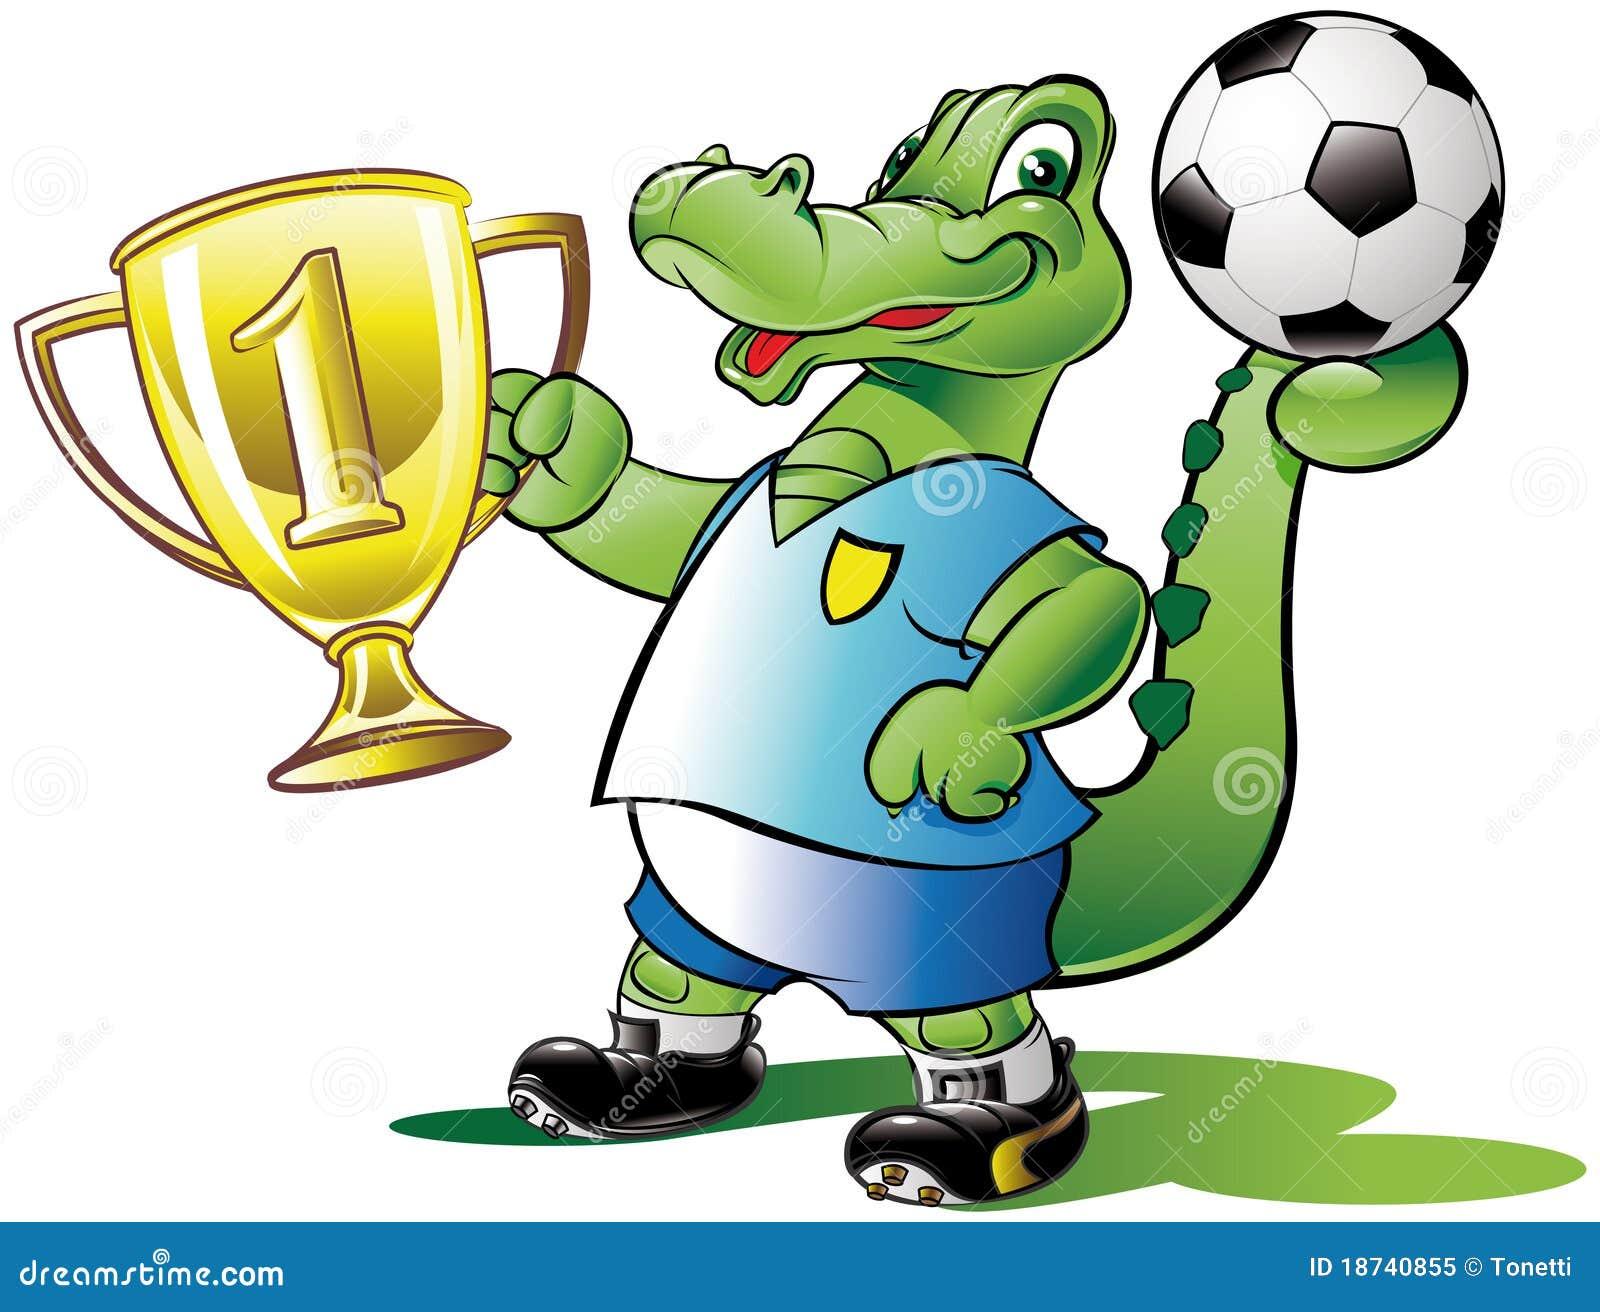 voetbal kampioen